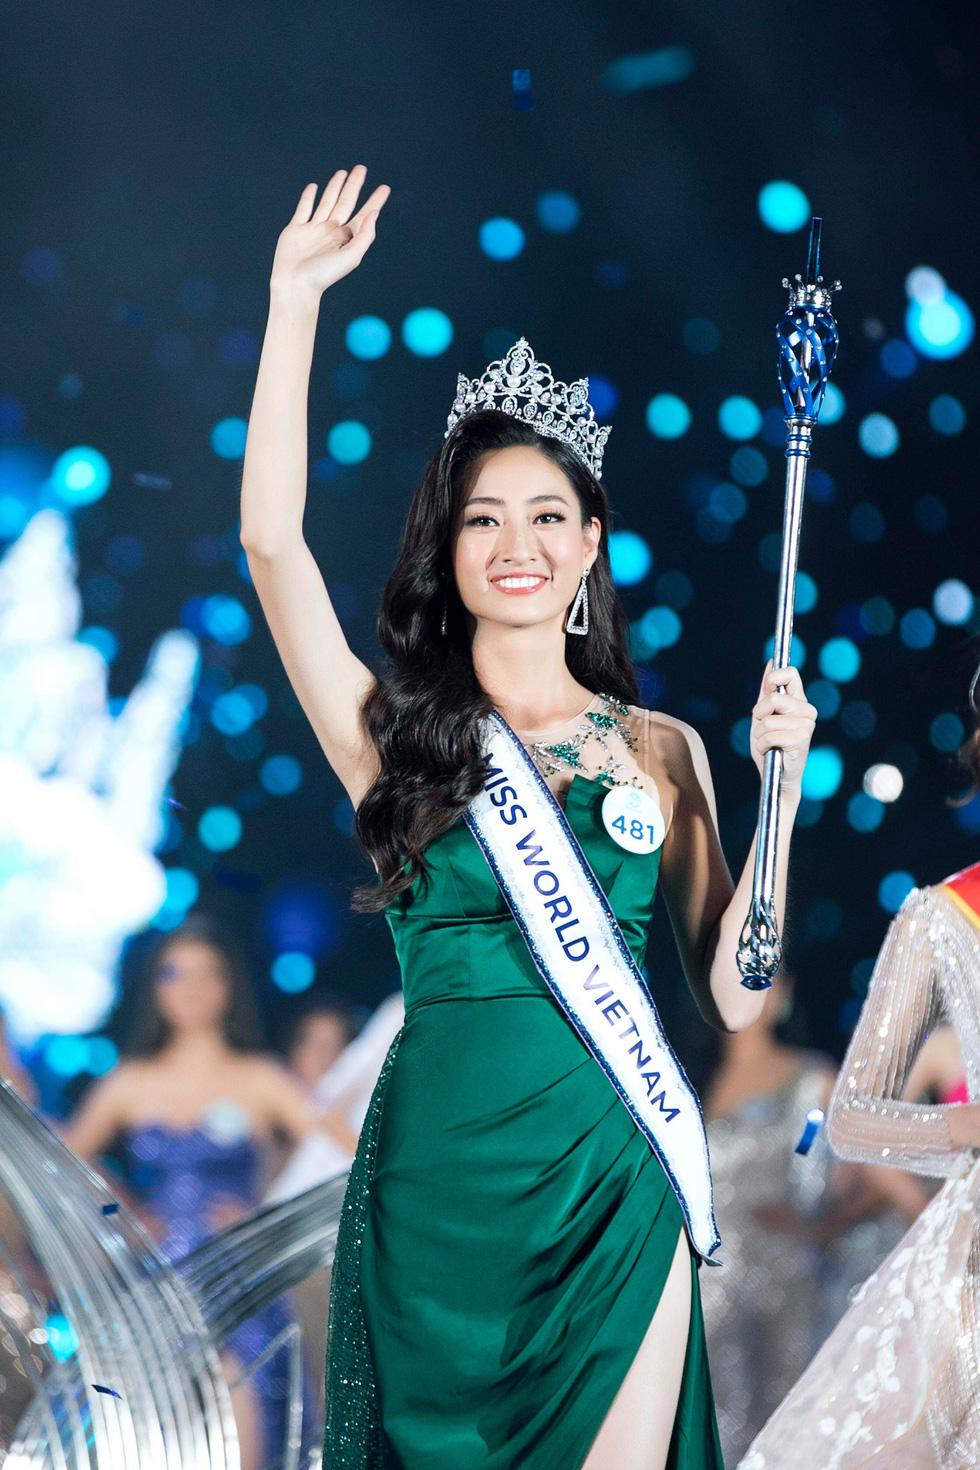 Ngắm bộ ảnh của tân Hoa hậu Thế giới Việt Nam 2019 Lương Thùy Linh - Ảnh 3.